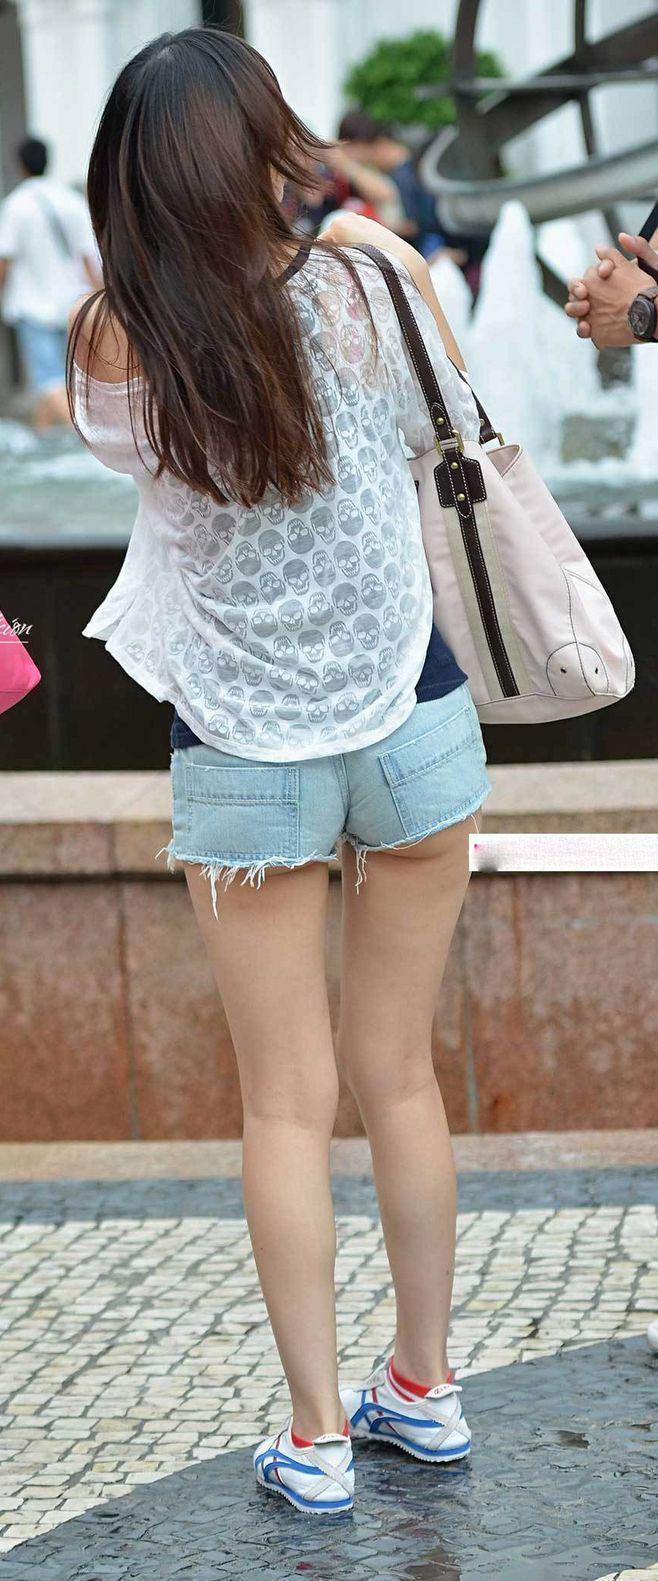 紧身裤个性巧妙, 美腻动人, 更有不同的味道 3